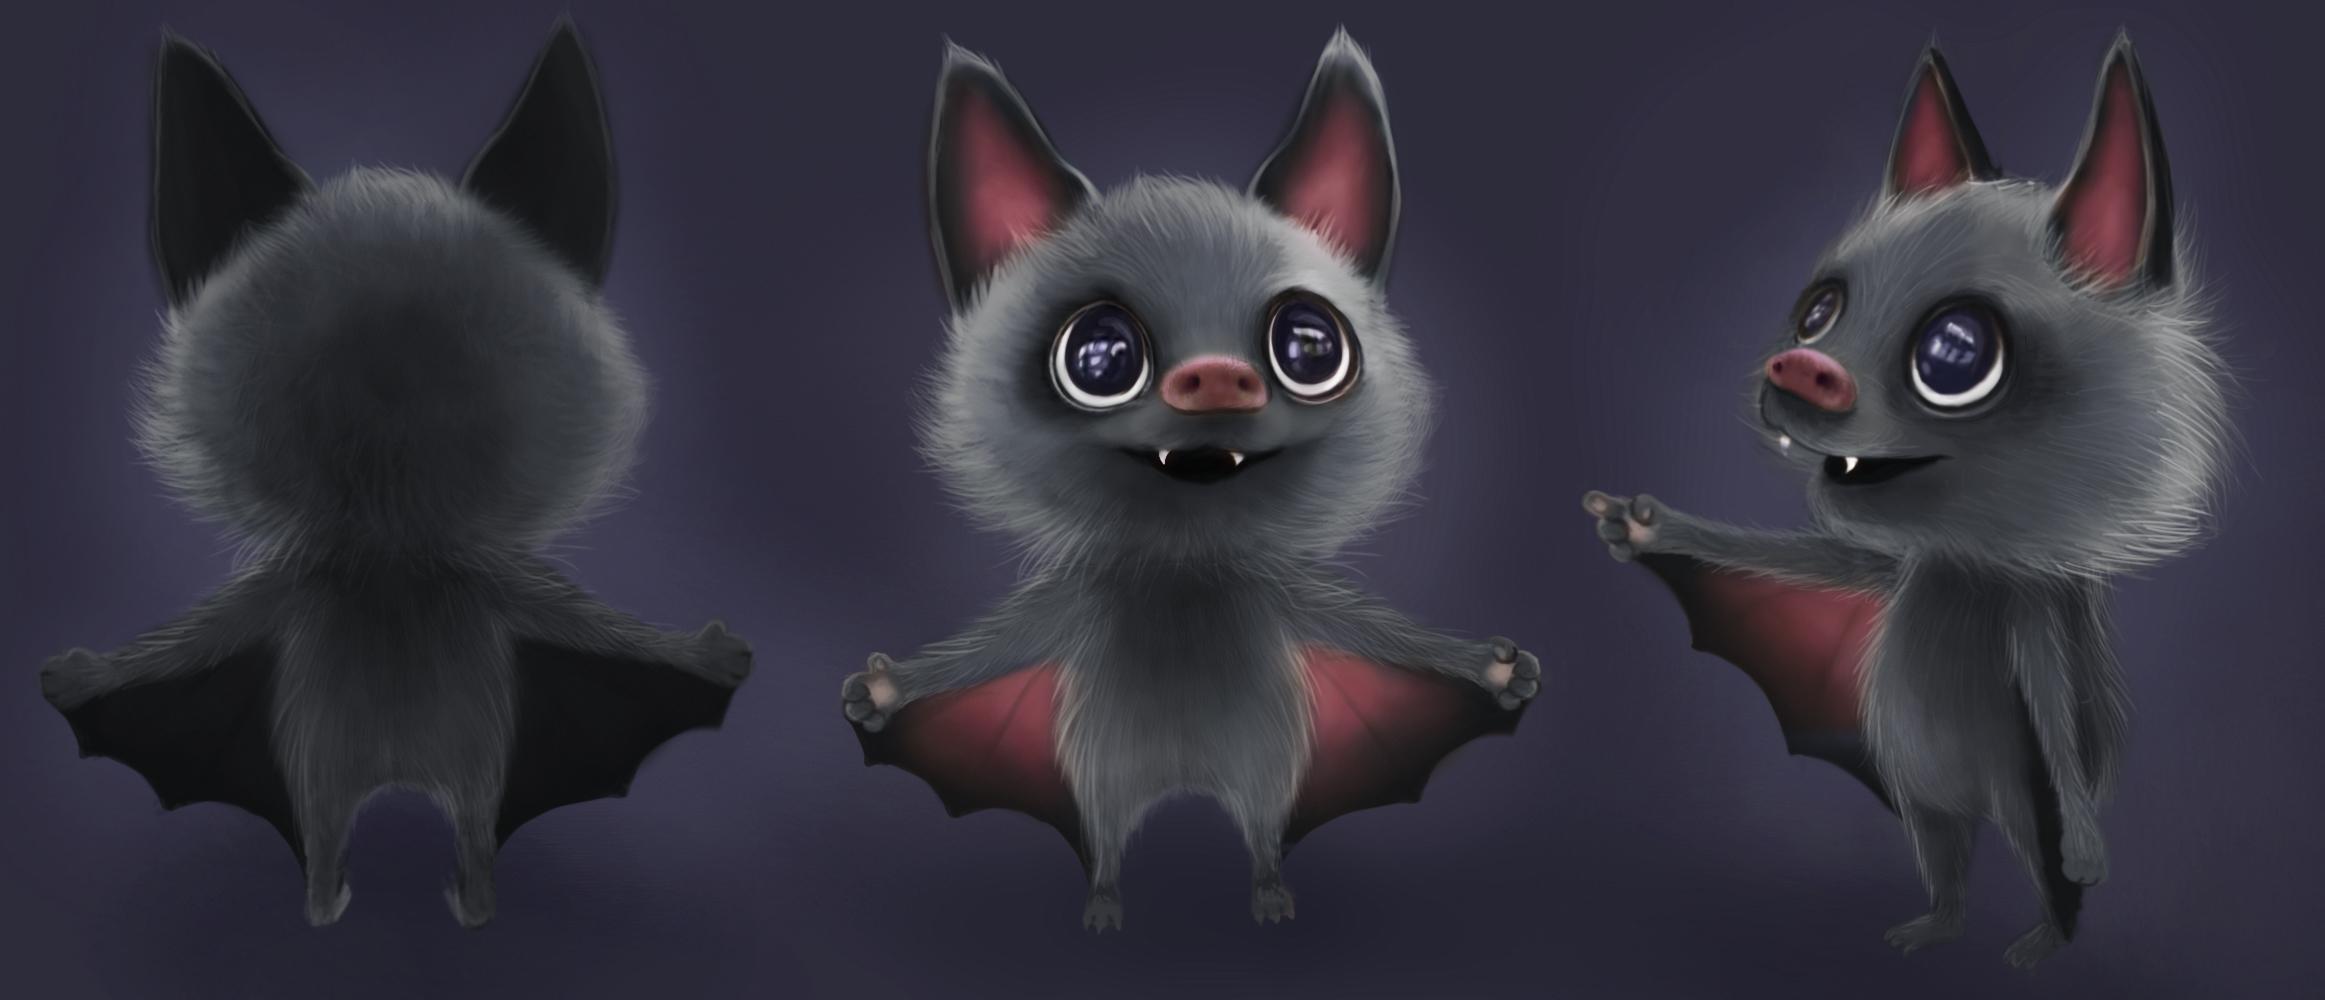 Нарисовать персонажа для анимации фото f_9365c86347ca93a9.jpg